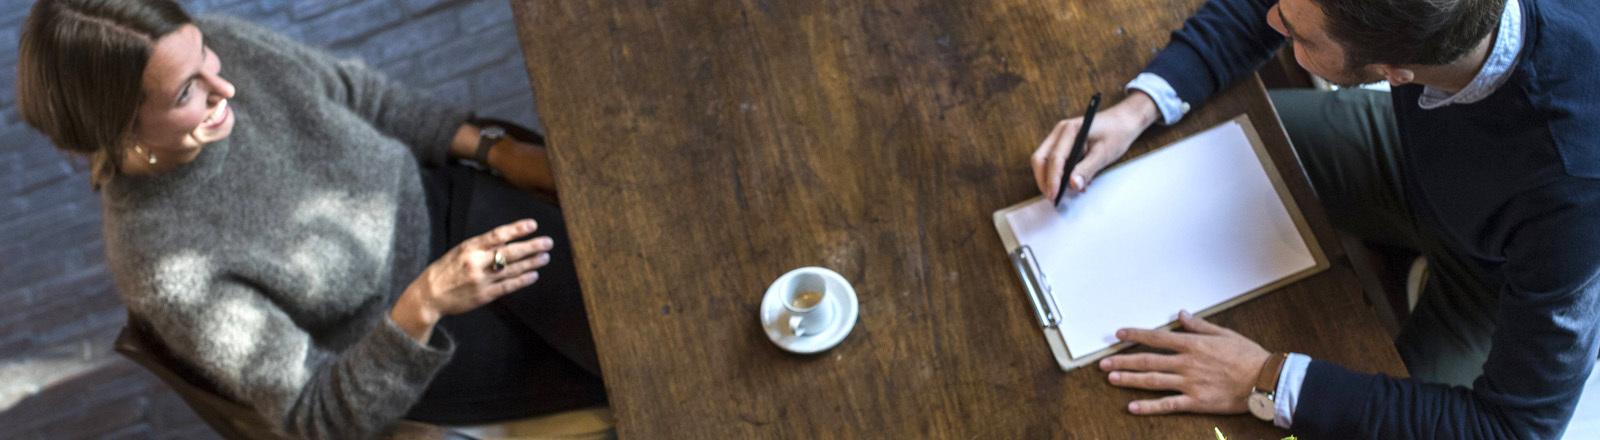 Gespräch mit dem Psychotherapeuten an einem Holztisch.